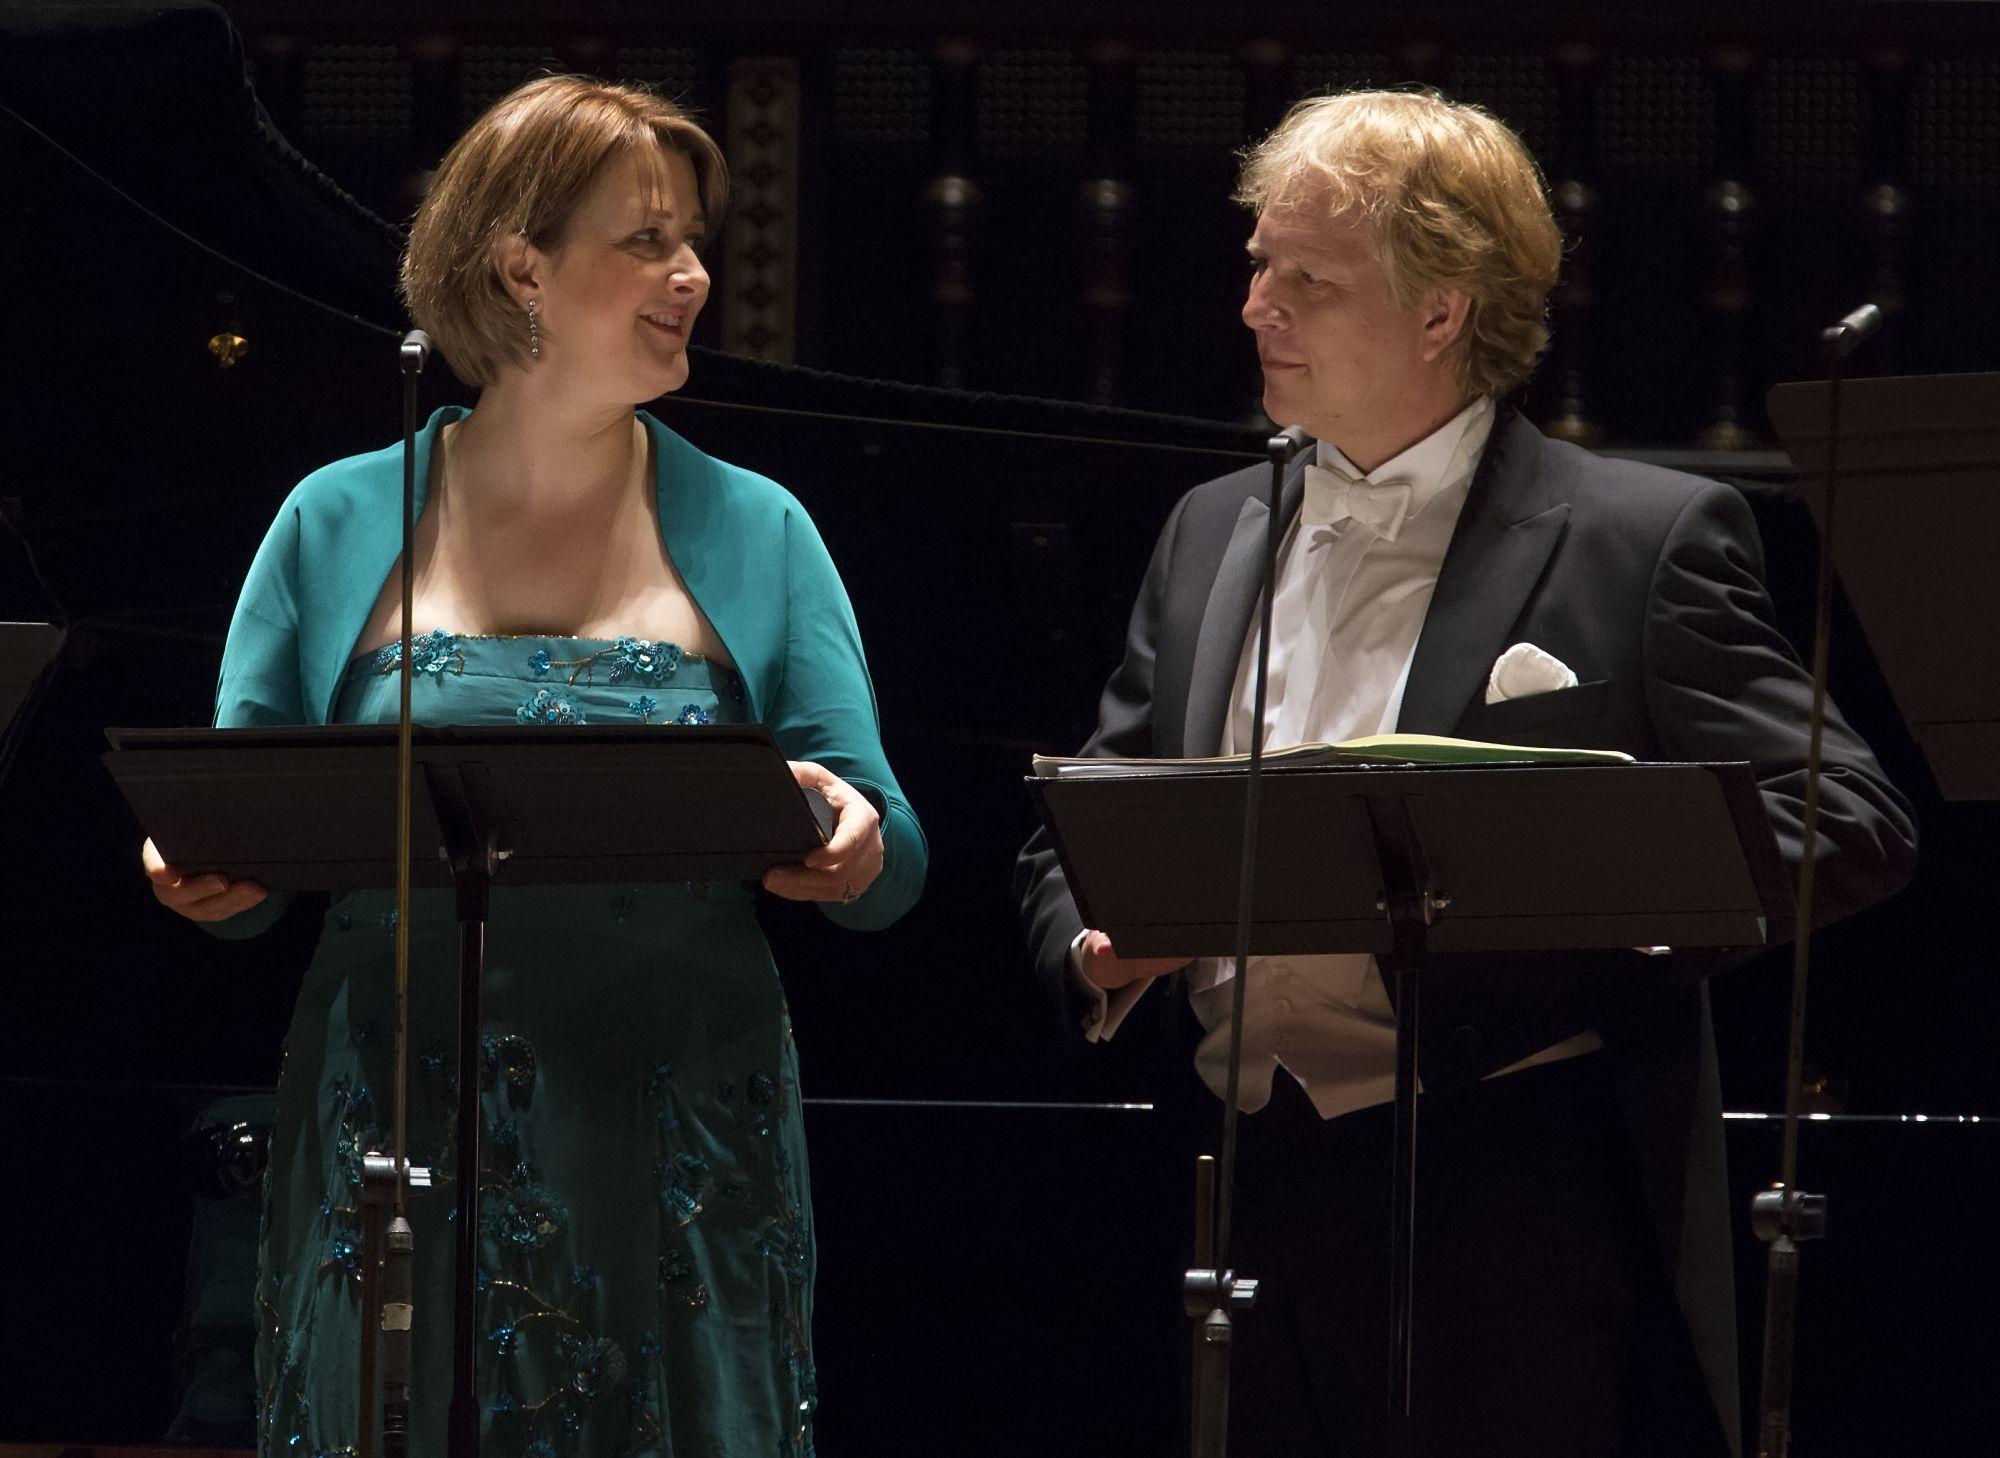 Schubert Kvartett - Christiane Oelze, Markus Schäfer © Posztós János